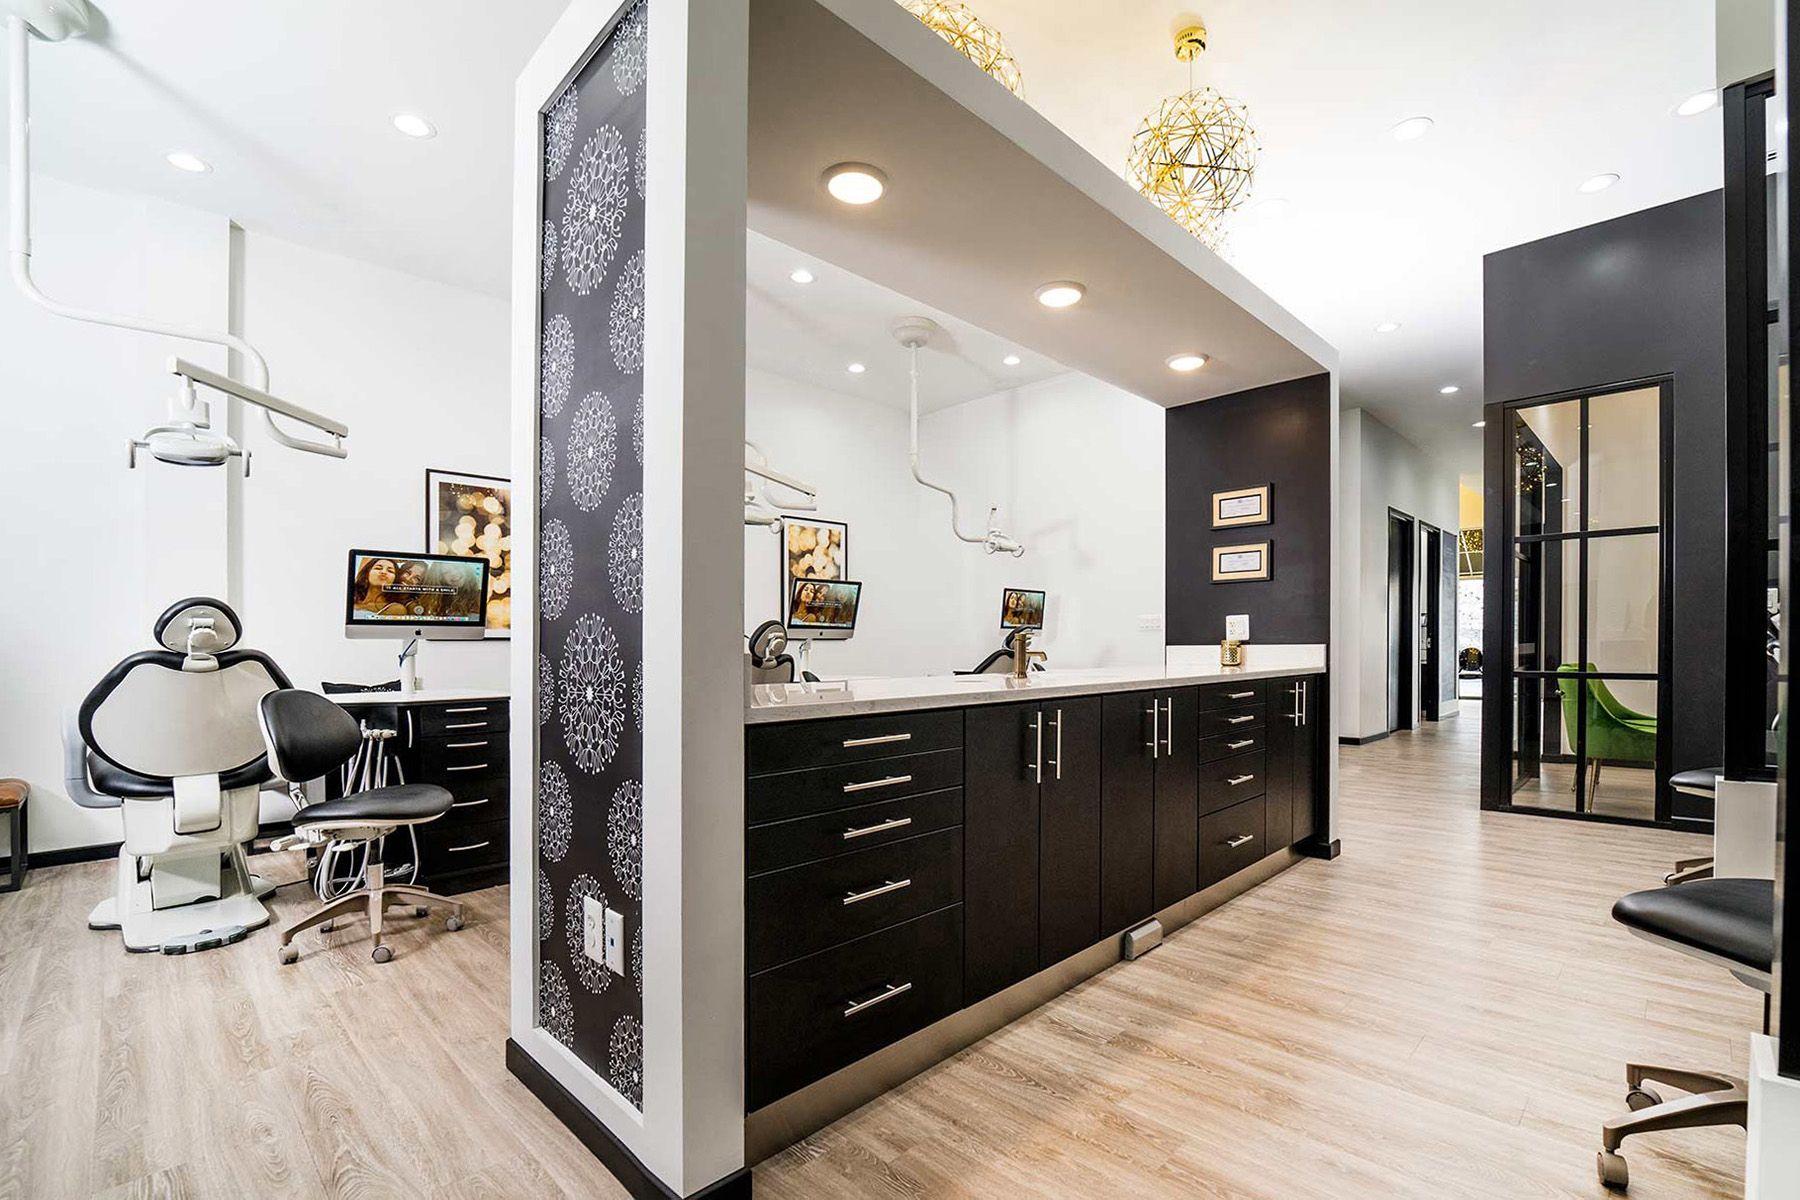 Amanda gallagher orthodontics Interior design website